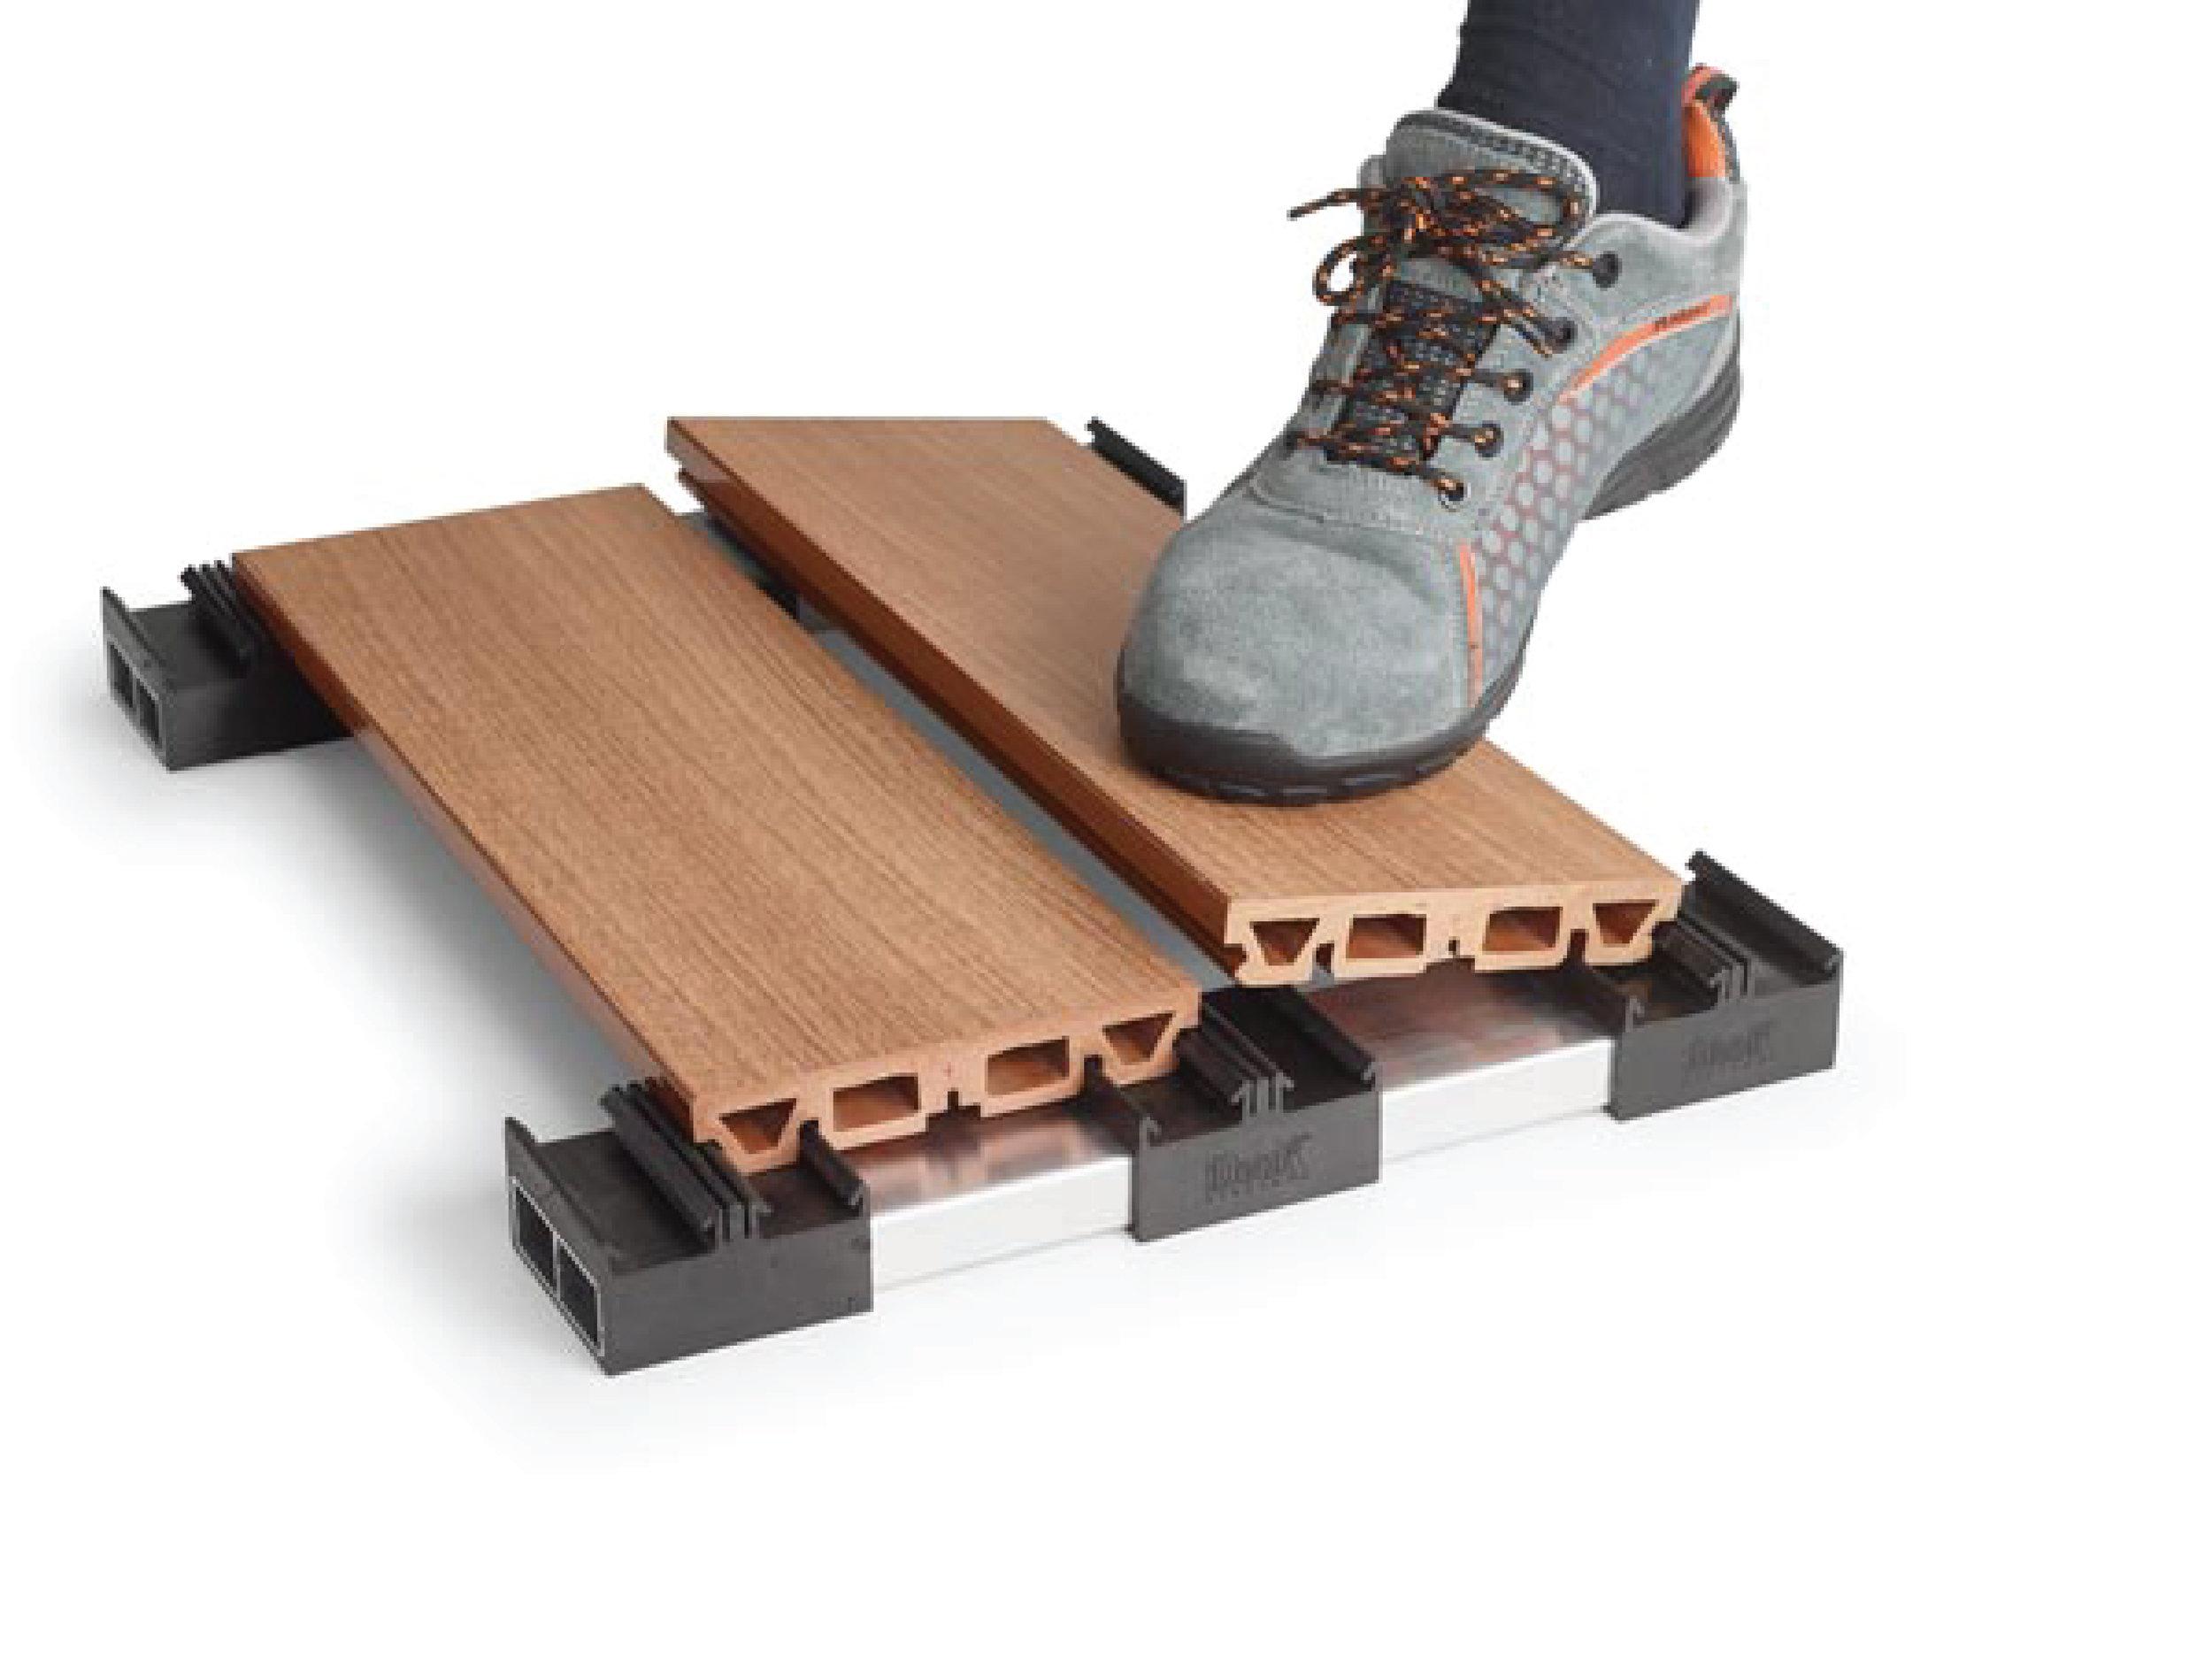 EASYCLICK - EasyClick est le moyen d'installer votre terrasse avec la seule pression du pied , en utilisant un support breveté , rapide , rigide et élastique en même temps , capable de s'adapter à la dilatation des matériaux. Les support spéciaux EasyClick annulent les risques d'erreurs , réduisent les temps d'installation et augmentent la stabilité globale de la terrasse.